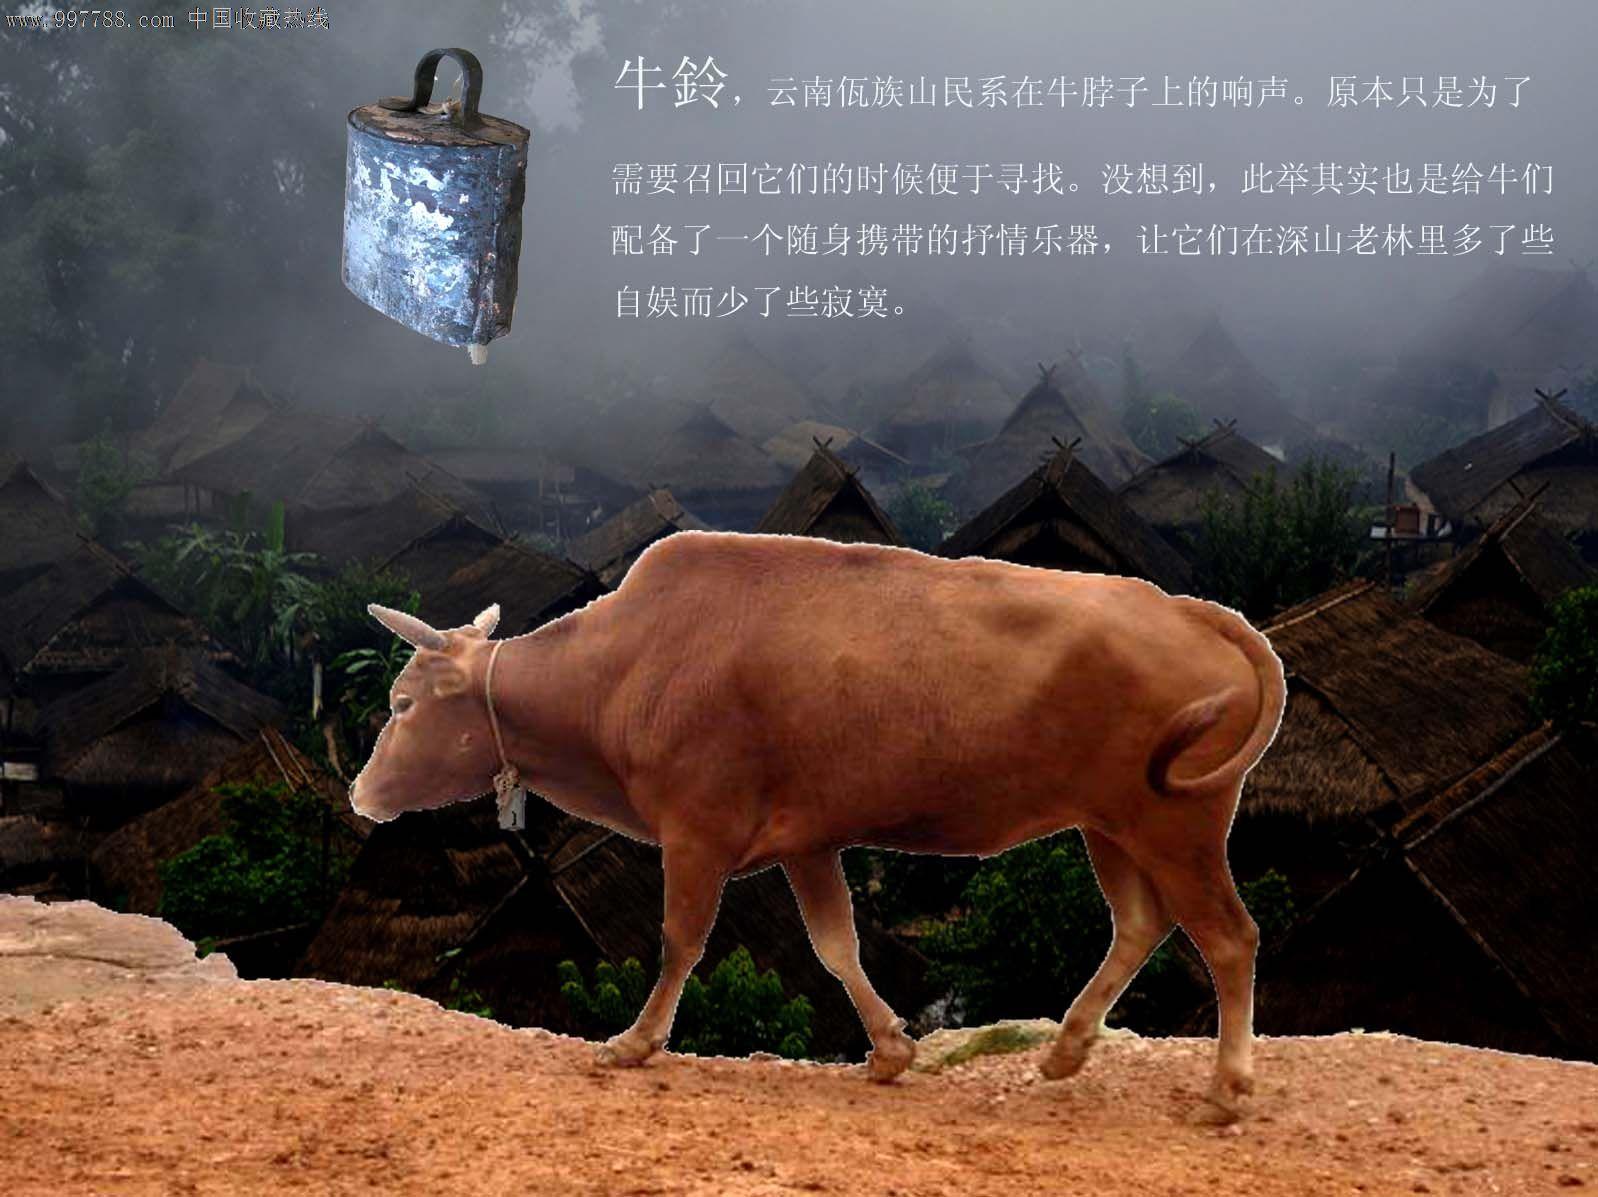 一号牛铃(云南民族传统工艺品,云南的响声)